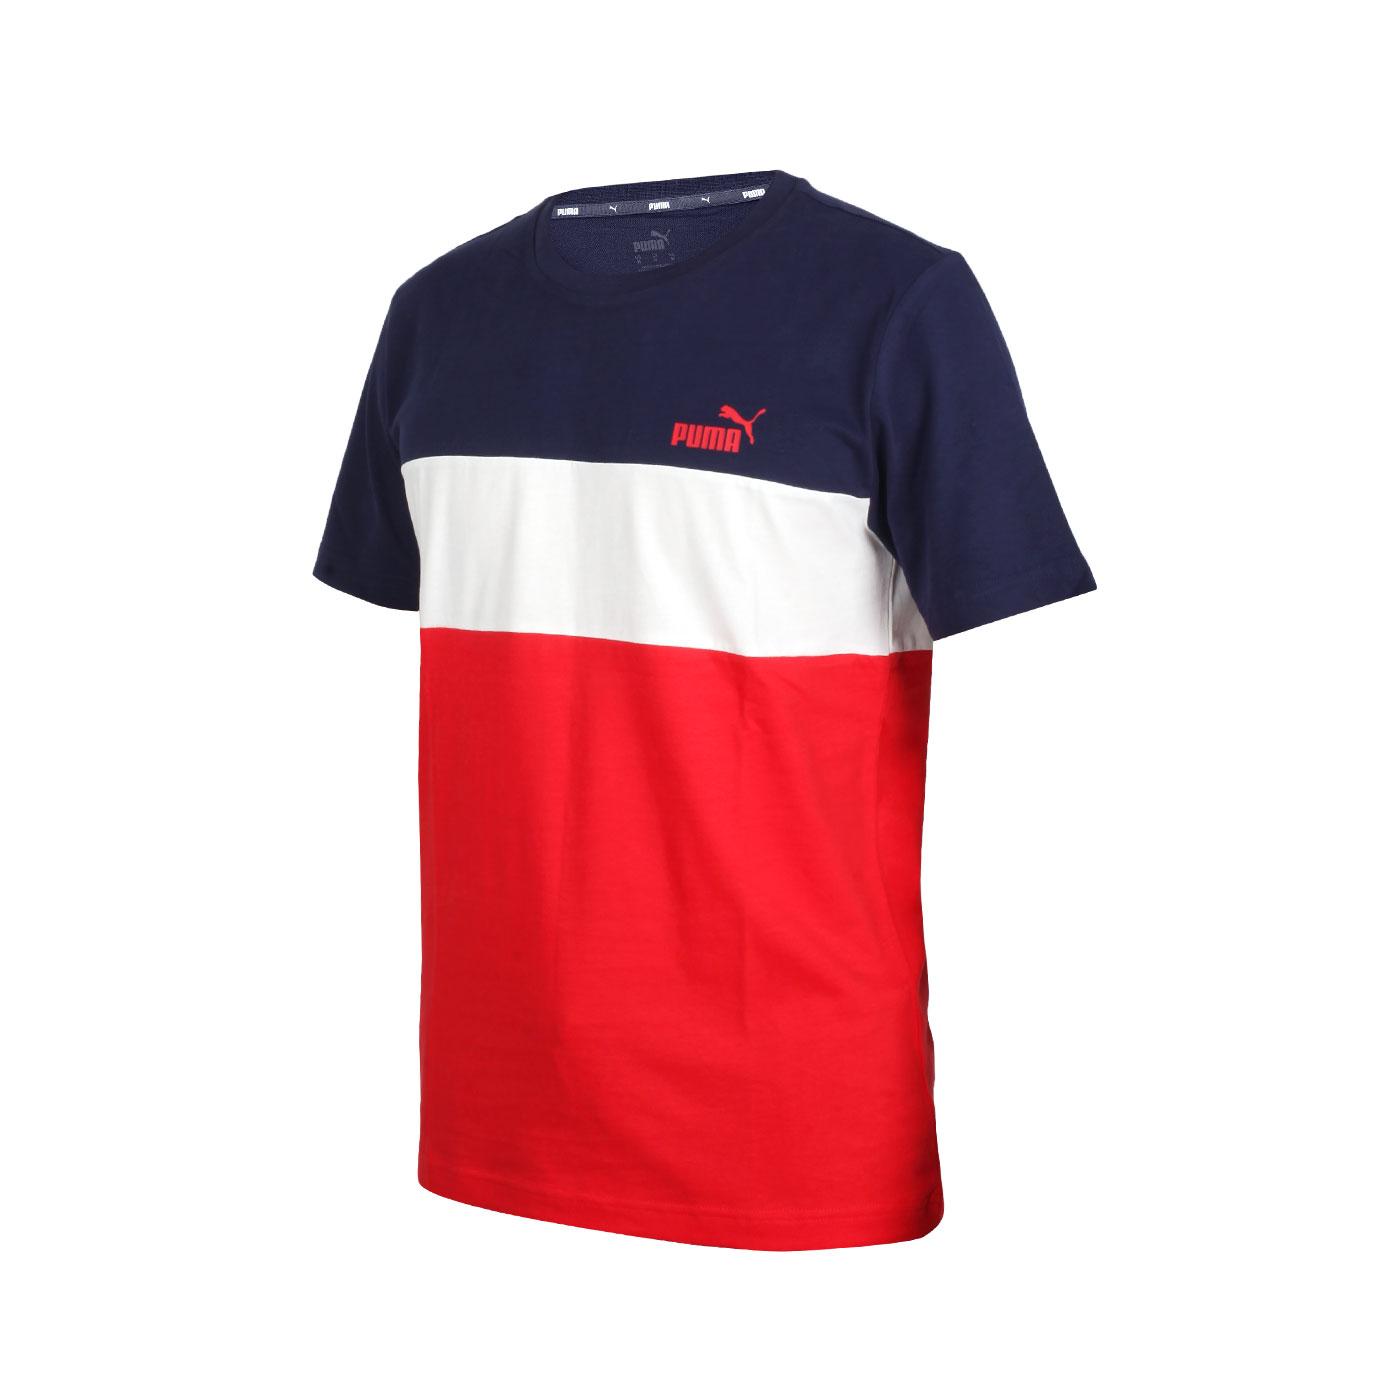 PUMA 男款基本系列短袖T恤 58715906 - 丈青白紅